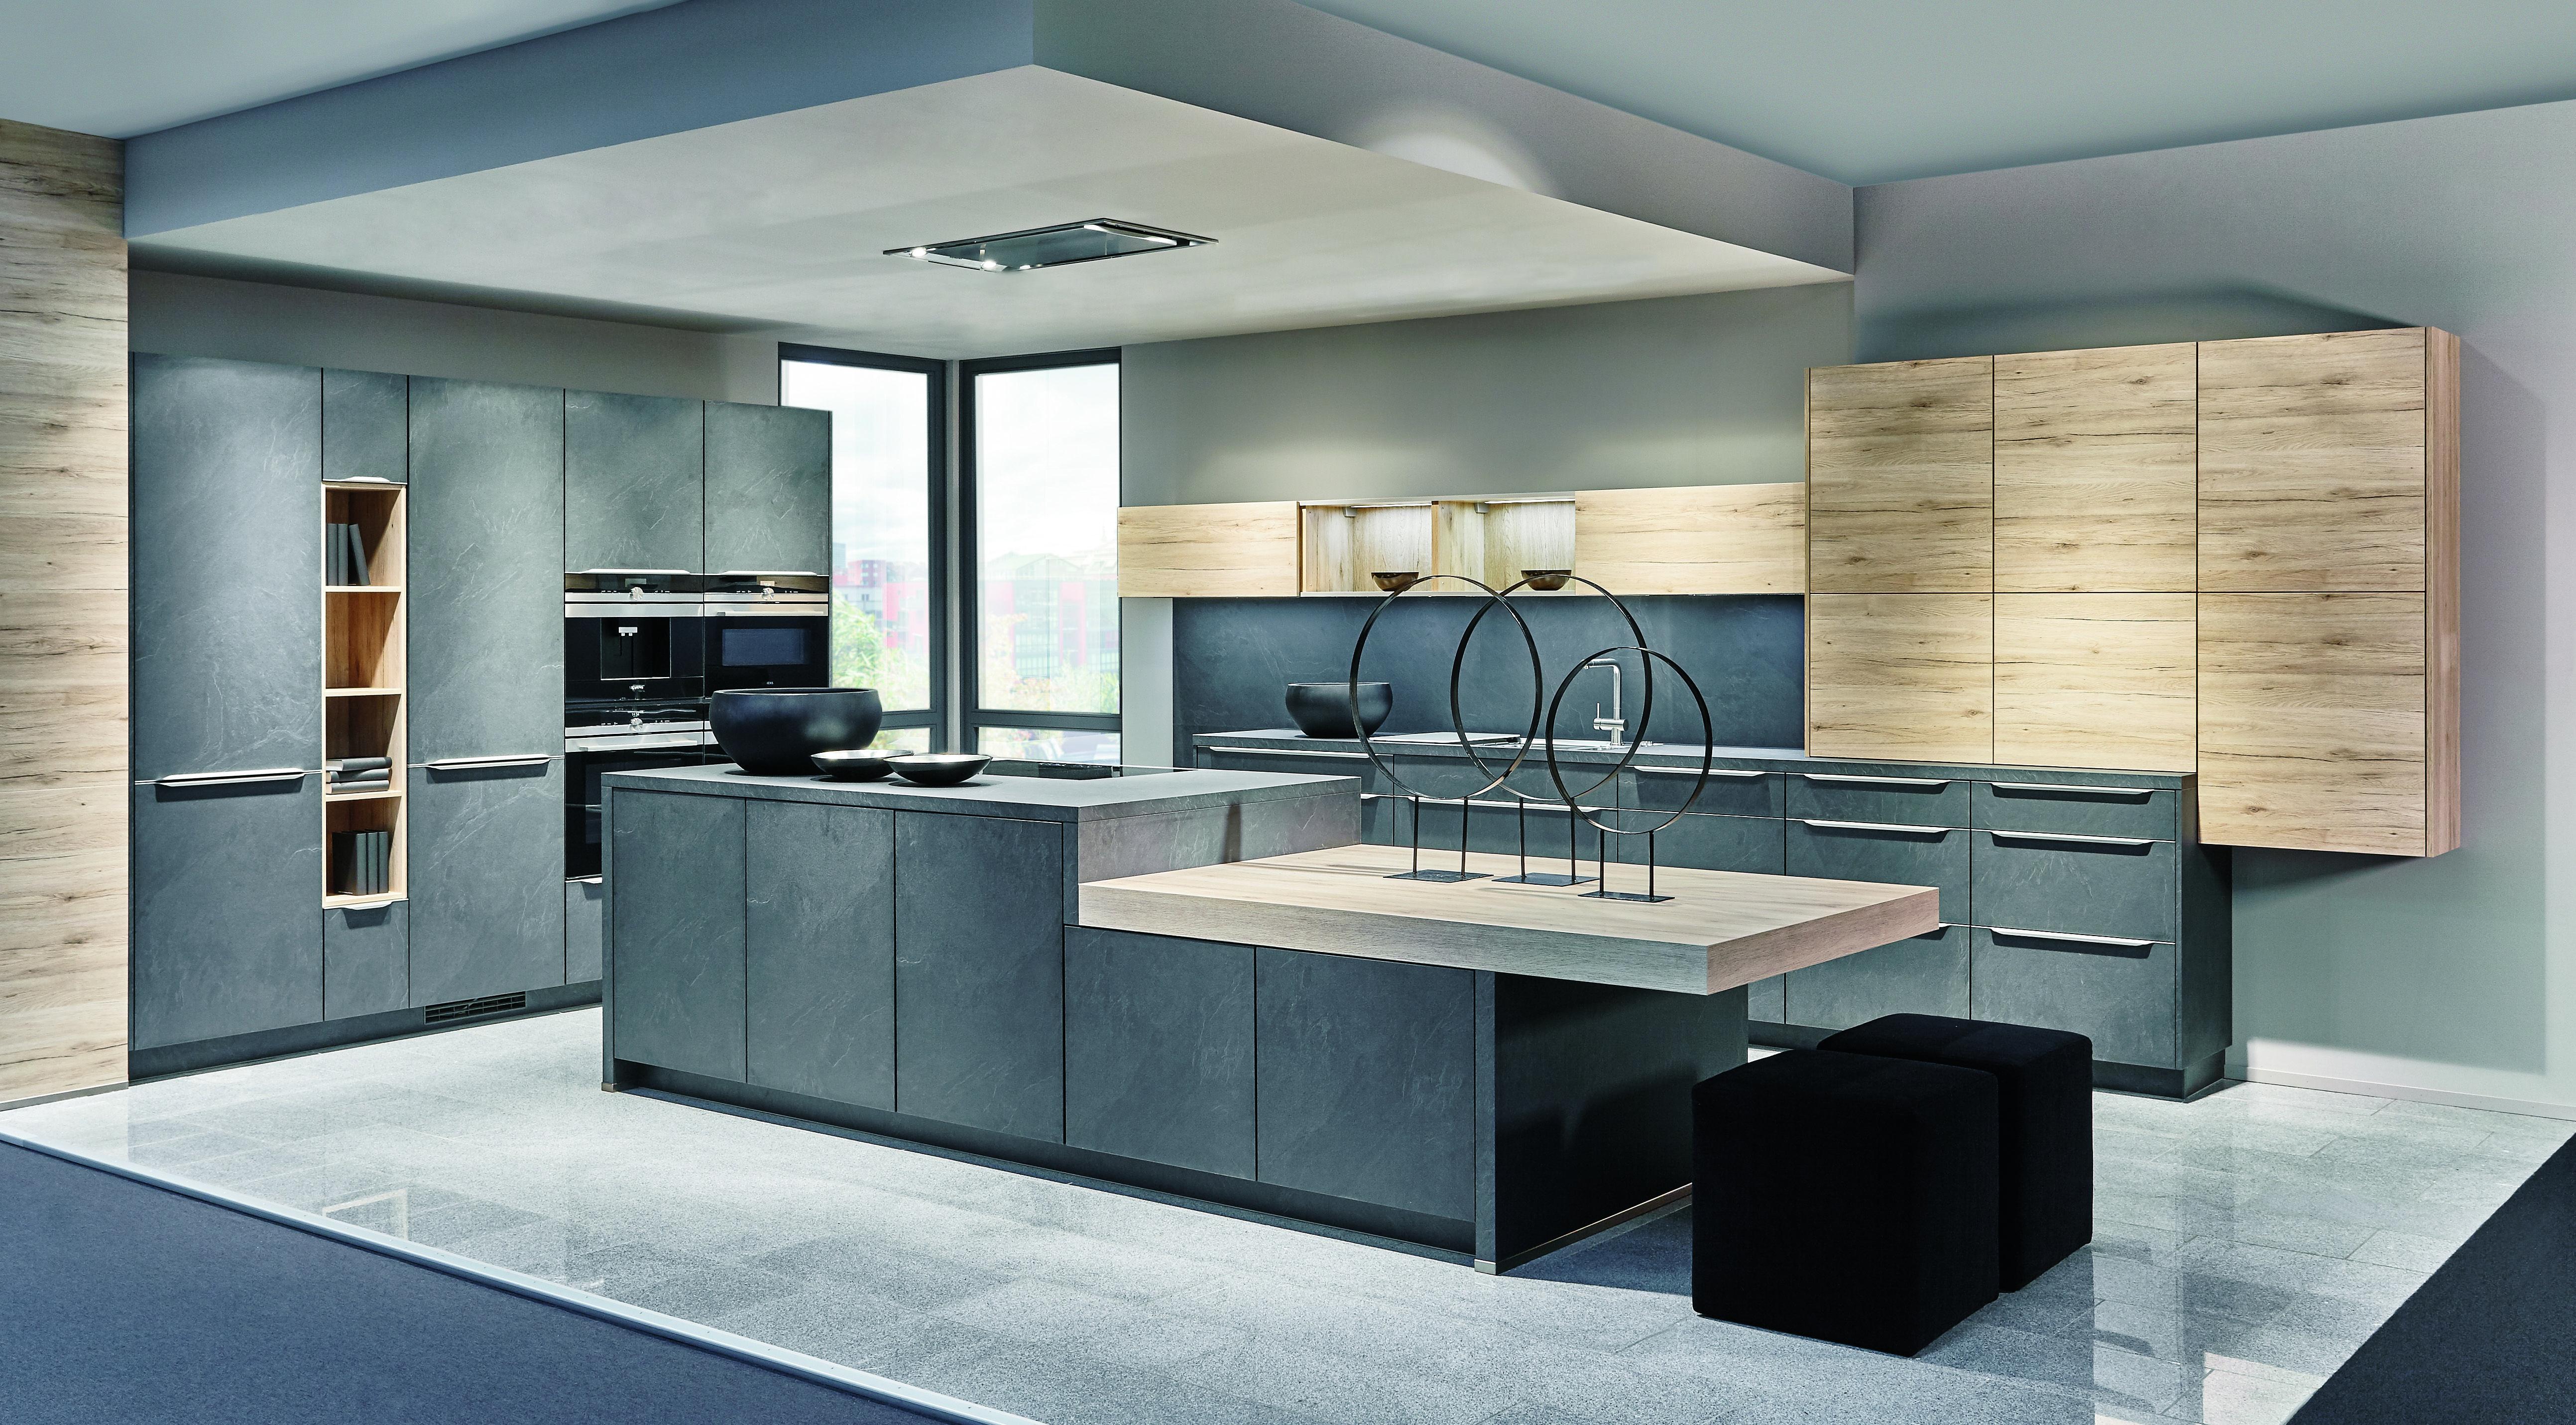 Die Küchentrend-Farbe 2018 ist grau – kein Wunder, denn die Farbe ...